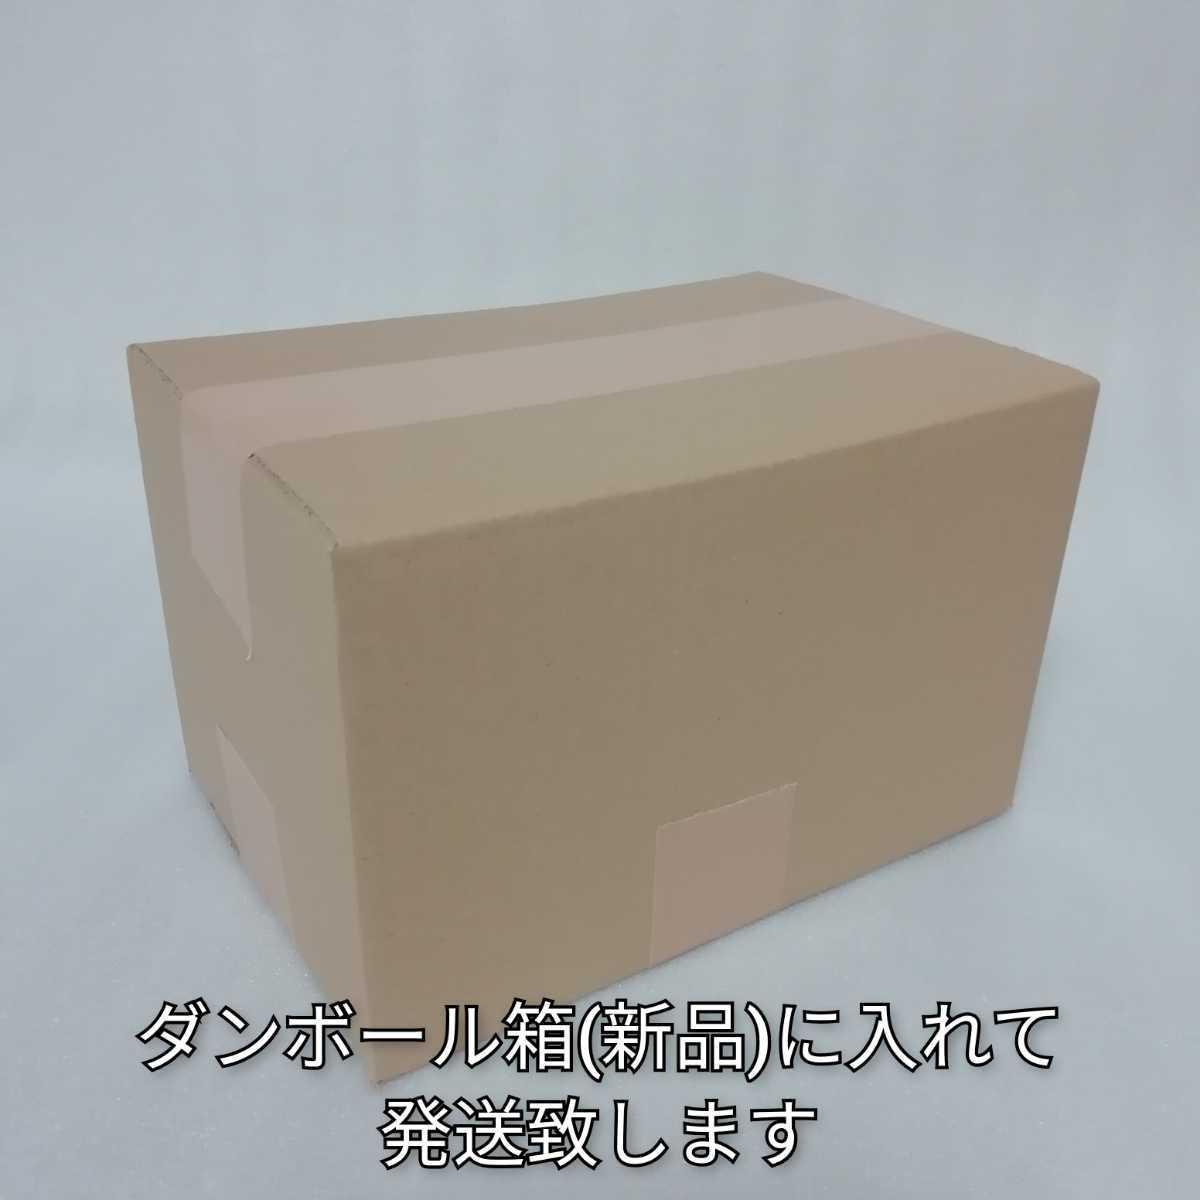 クラブハリエ 2種類2箱 バームクーヘンmini 4.2cm 7.7cm バームクーヘン バウムクーヘン クラブハリエ お菓子 詰め合わせ_画像4